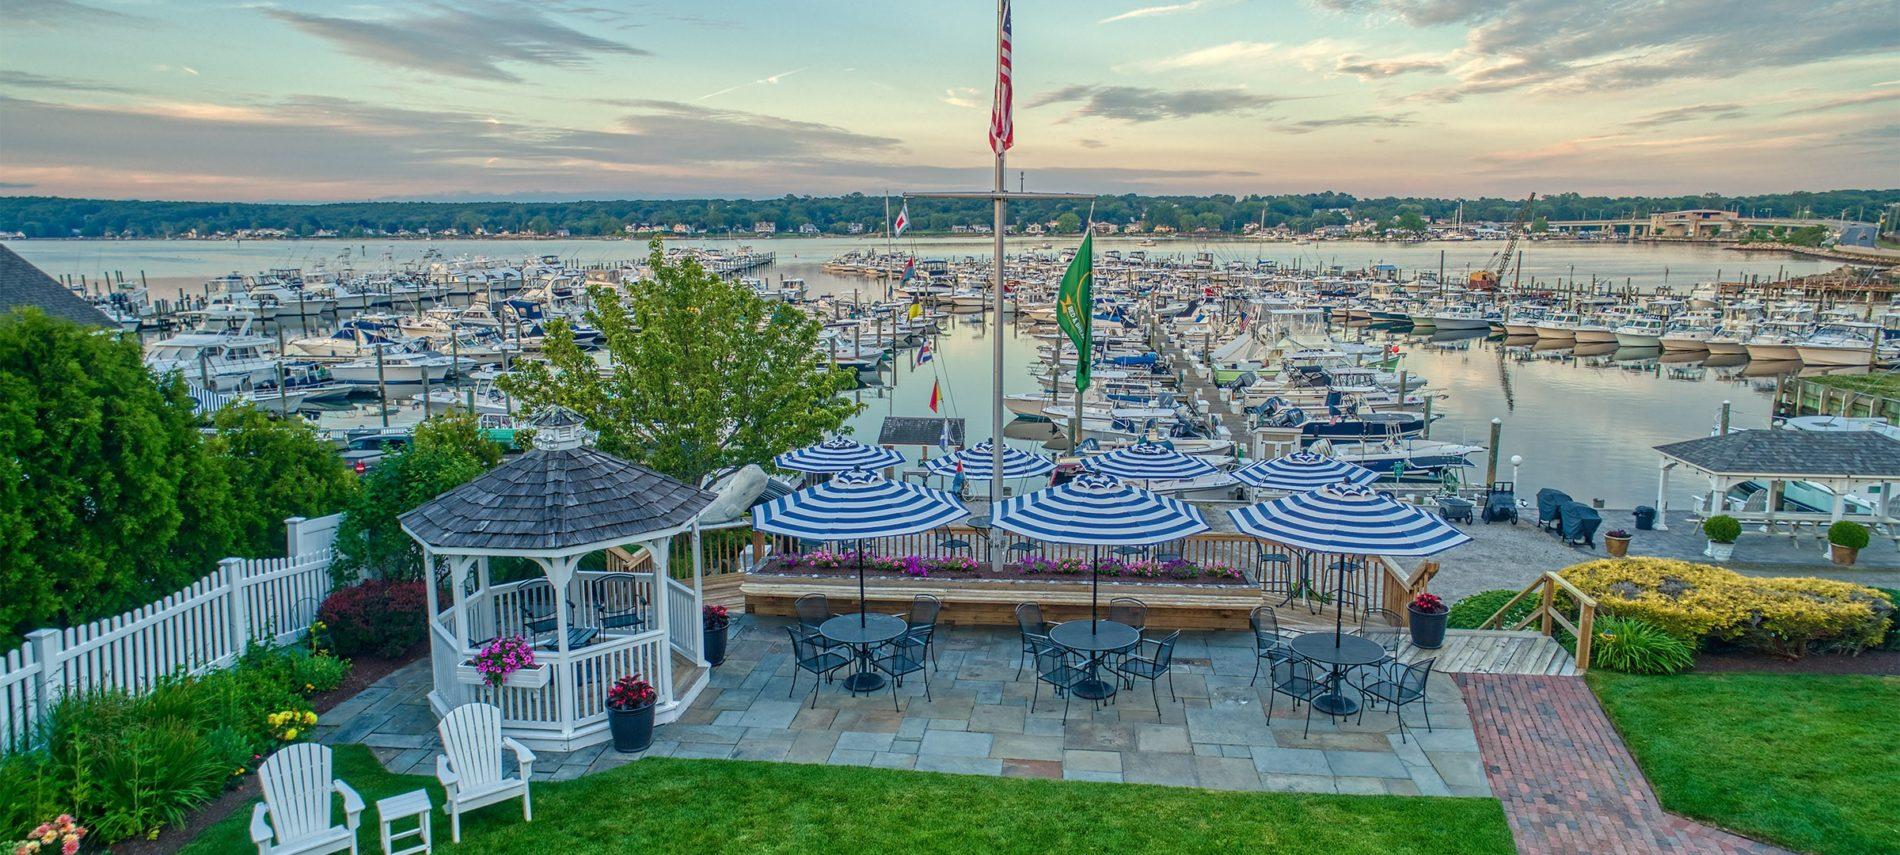 Aerial view of Marina at Inn at Harbor Hill Marina